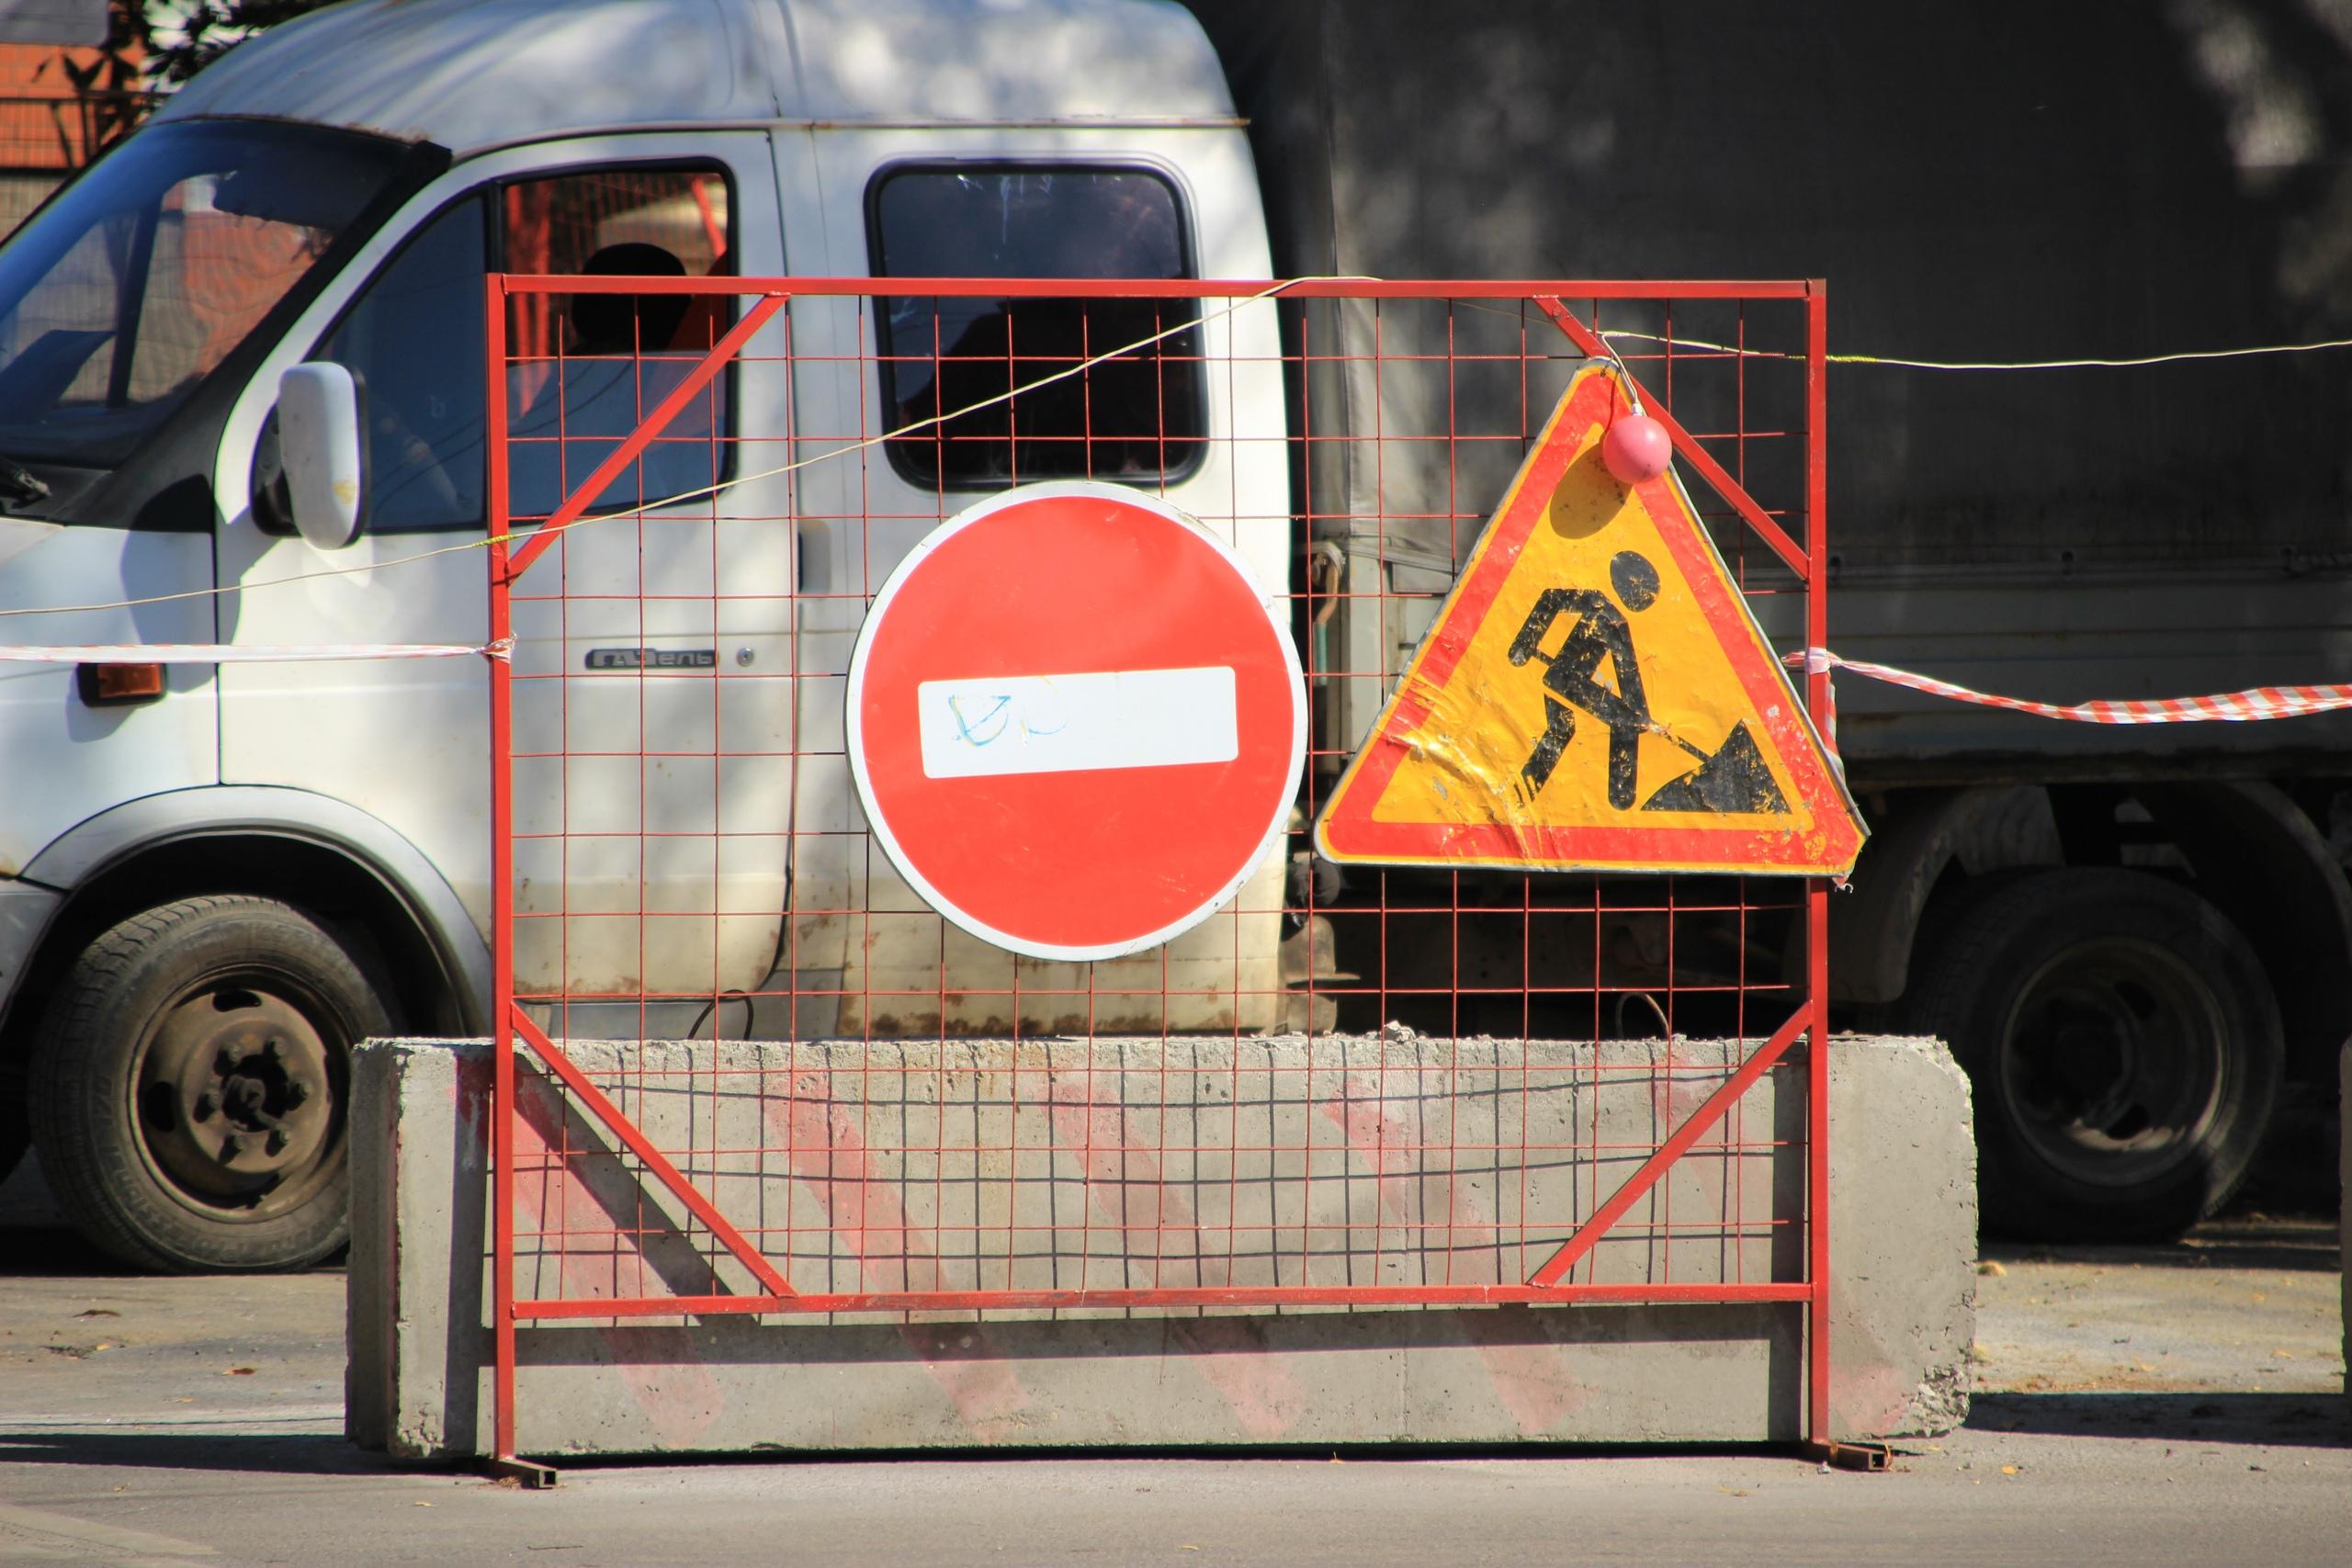 В Твери временно запретят движение и парковку на двух улицах - новости Афанасий